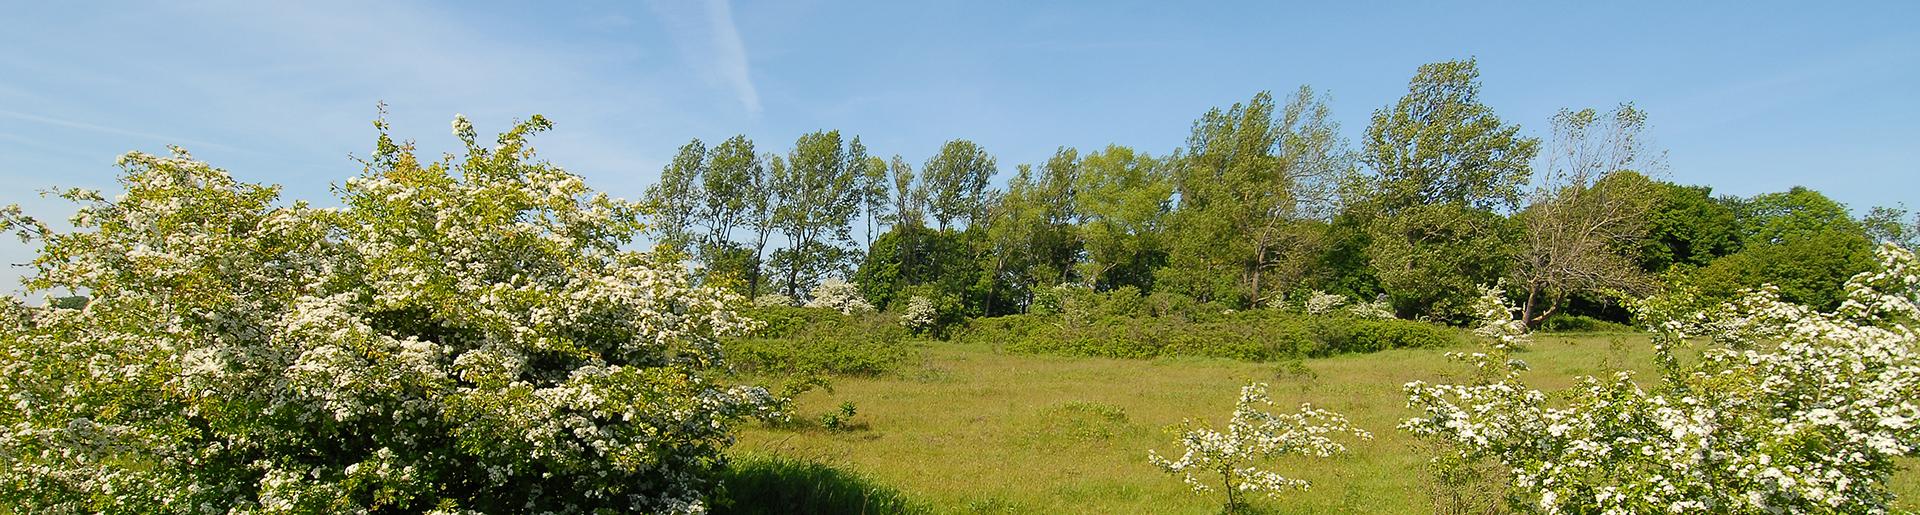 Gartenstadt Stiftungsland Naturschutzgebiet